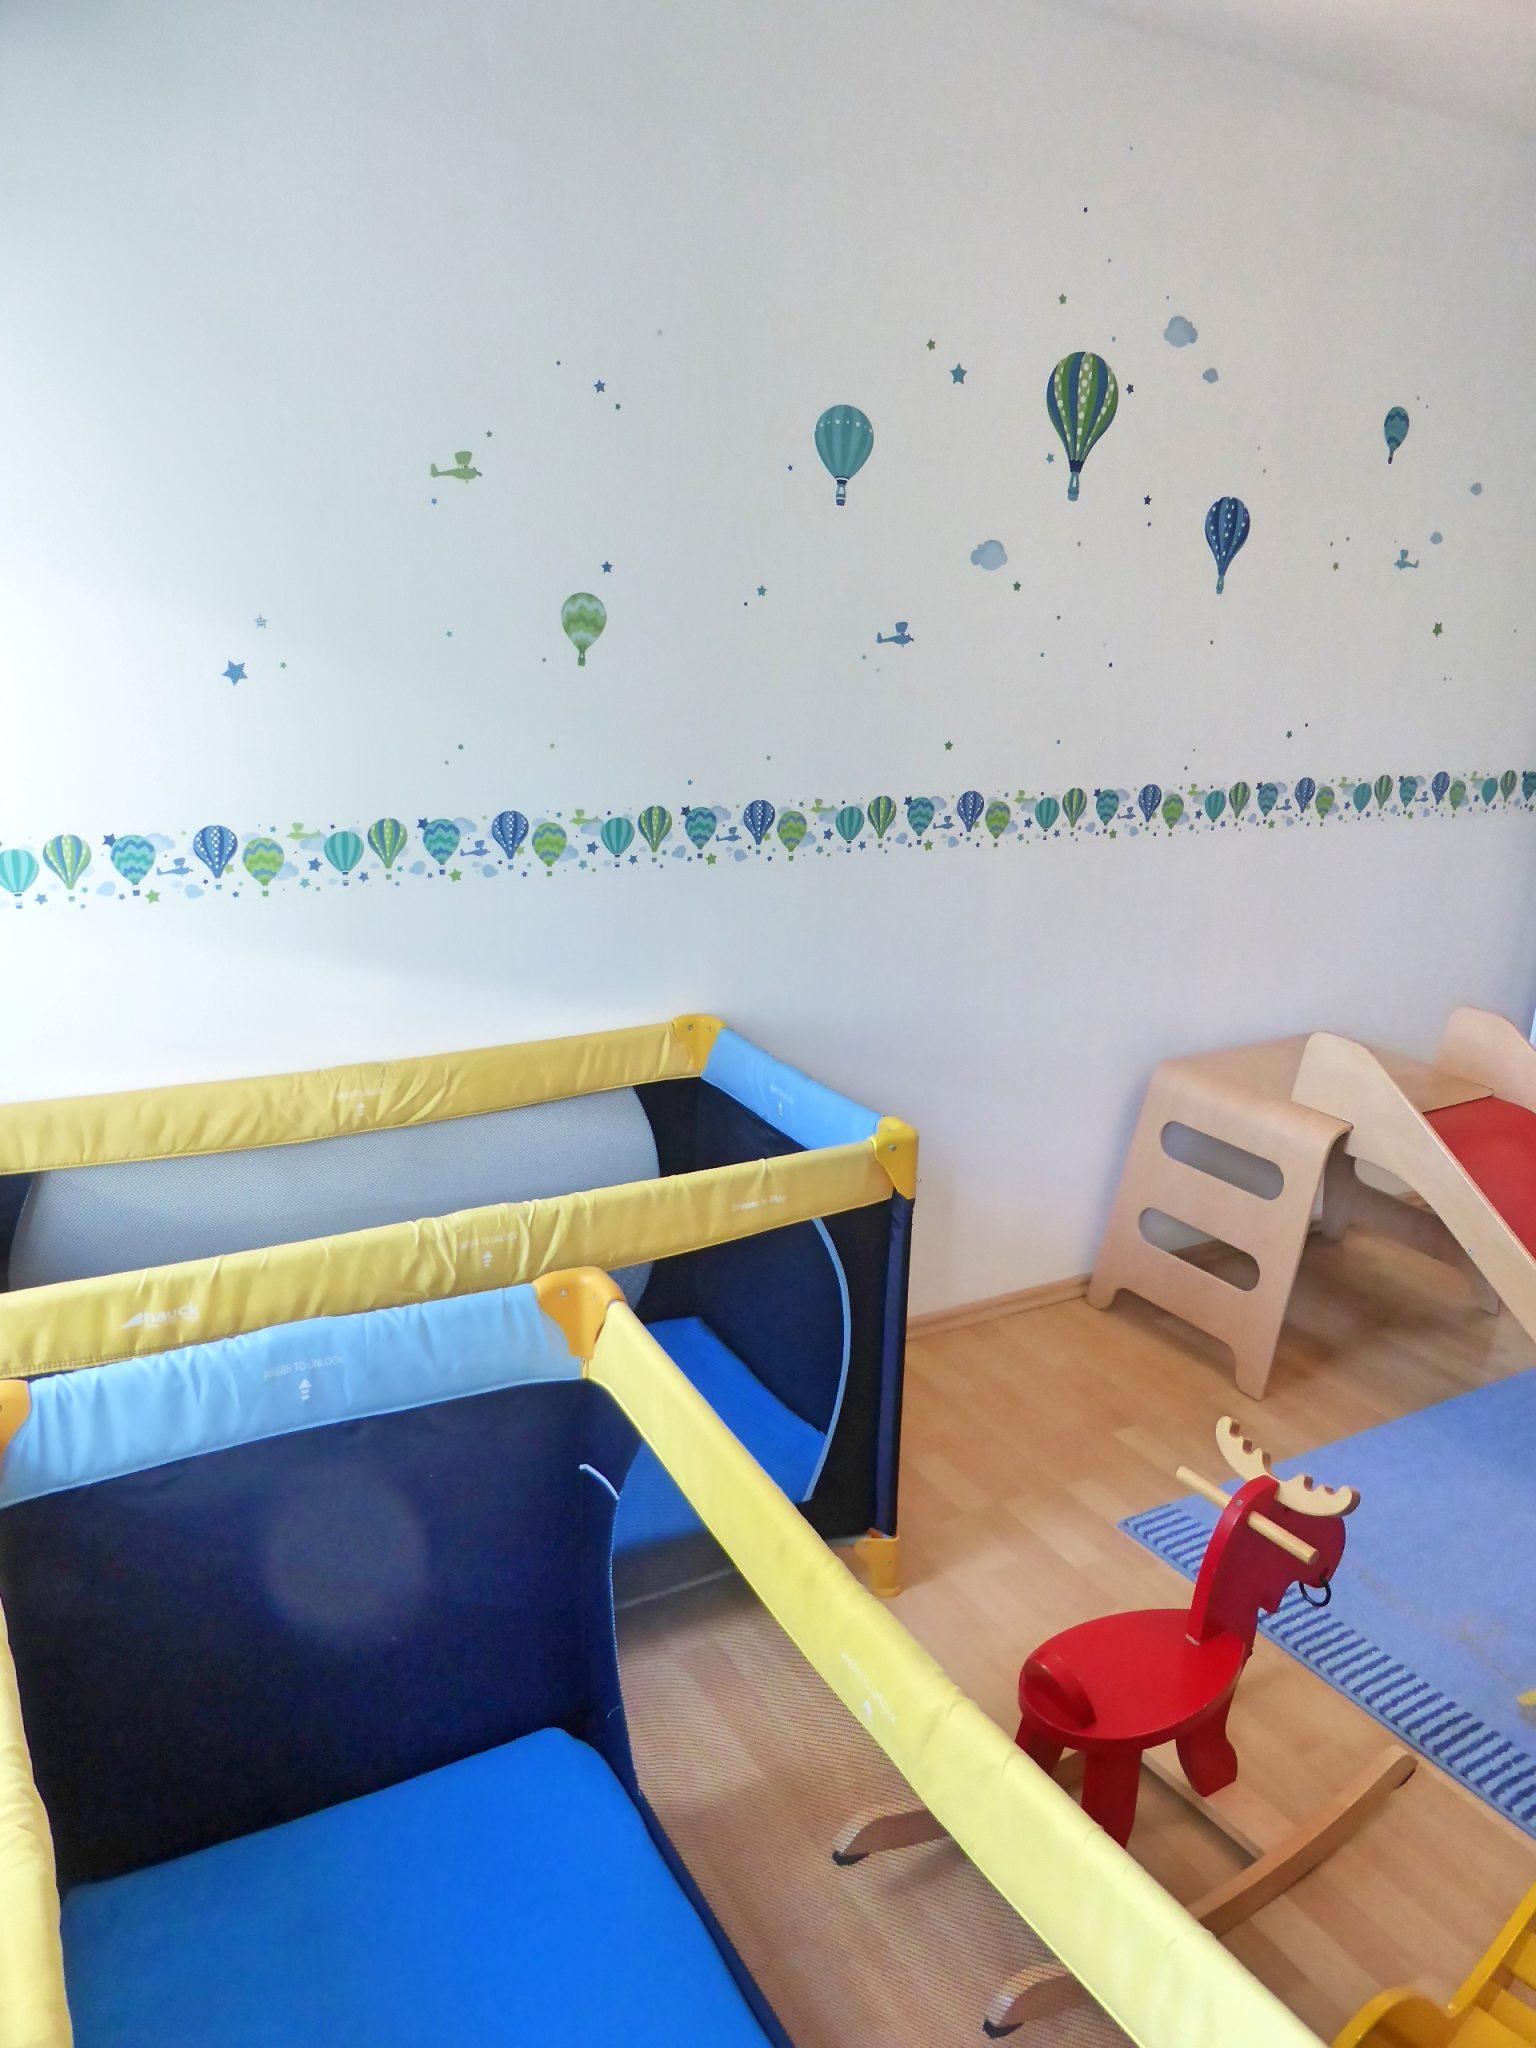 Schlafzimmer 5 Kita Kid Zone Kinderbetreuung - Tagesablauf